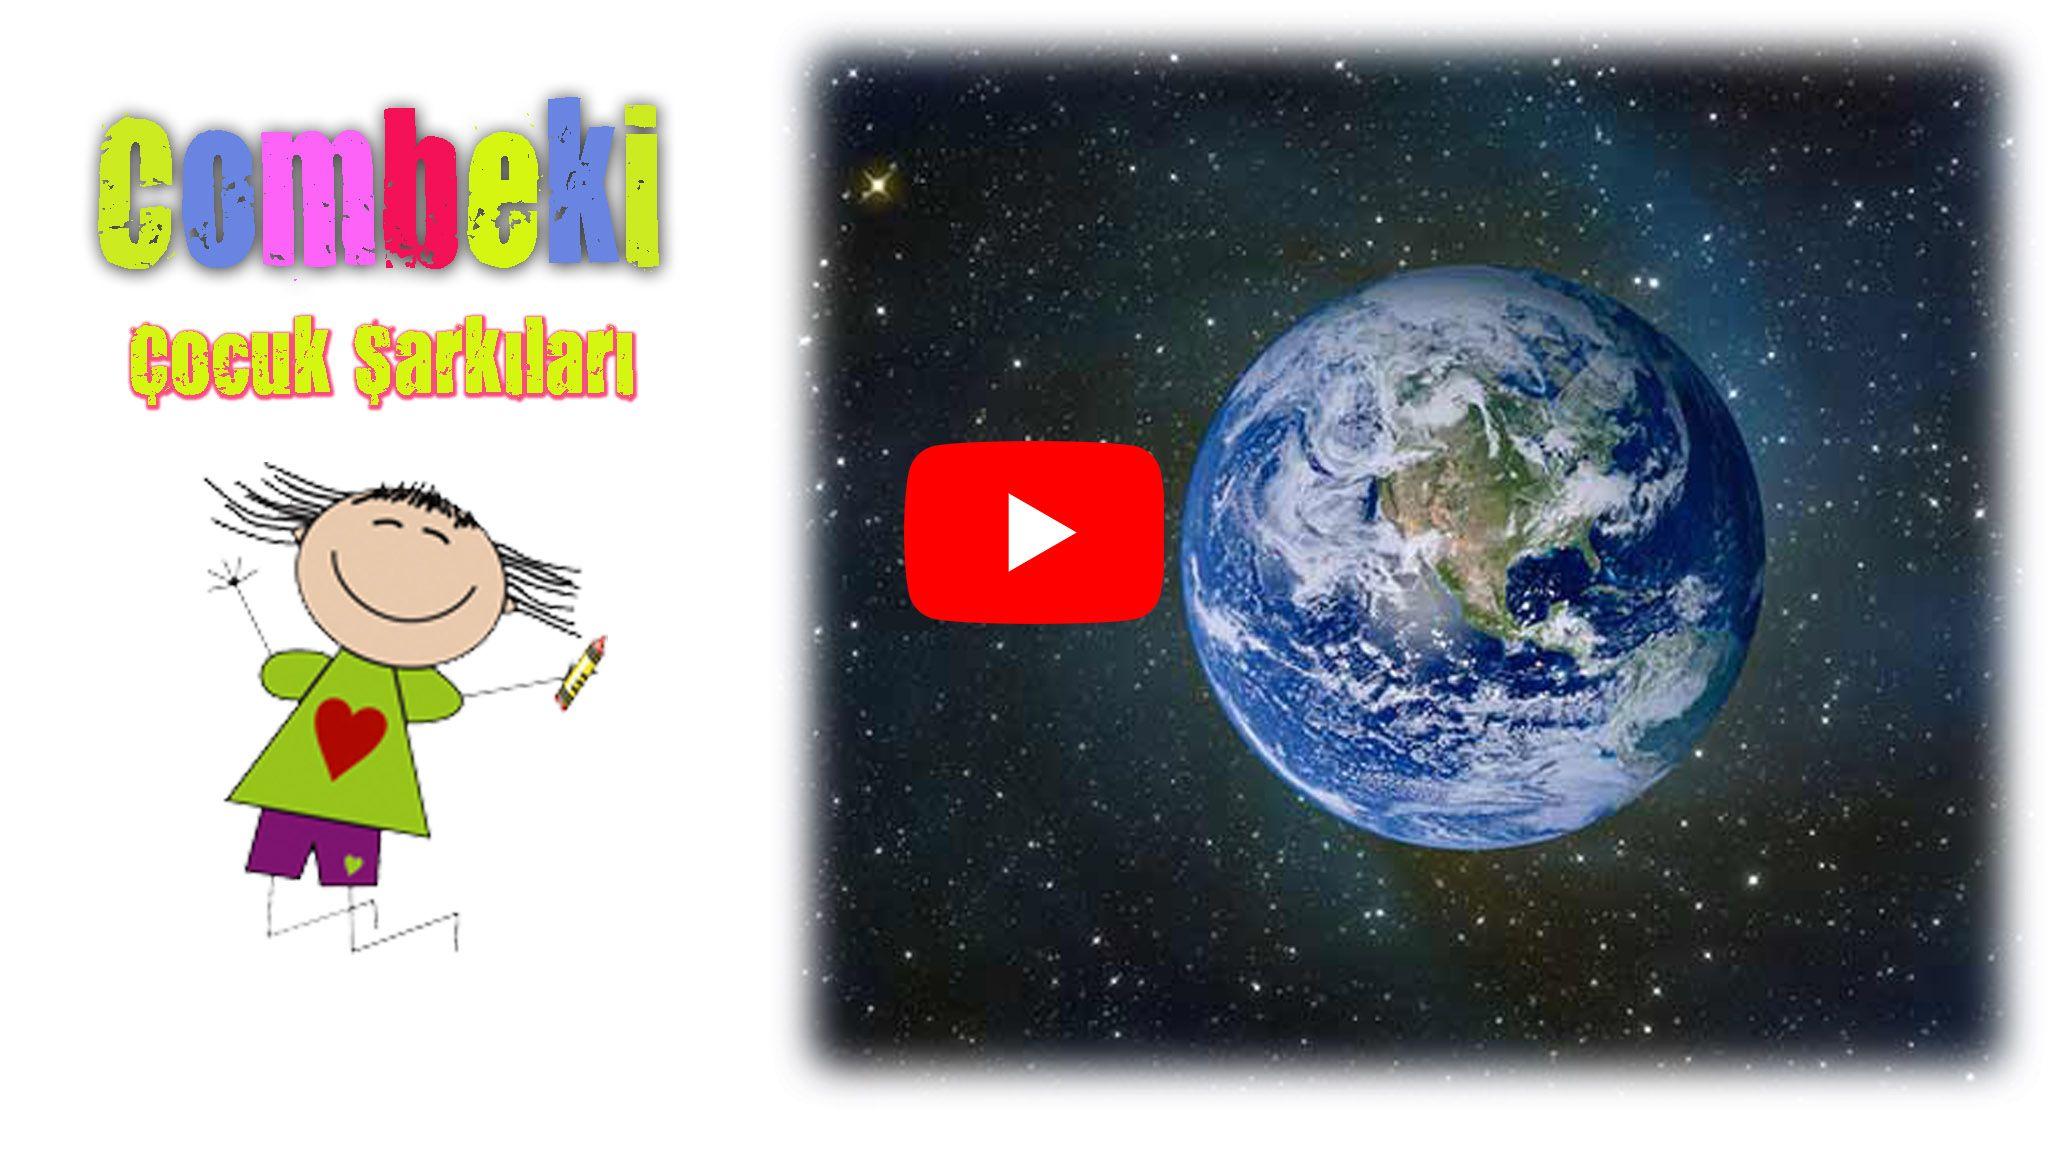 Mavi Gezegen Cocuk Sarkisi Sarki Sozleri Dinle Indir Cocuksarkilari Childrenssongs Kinderlieder Chansonsenfantine Sarkilar Sarki Sozleri Tintin